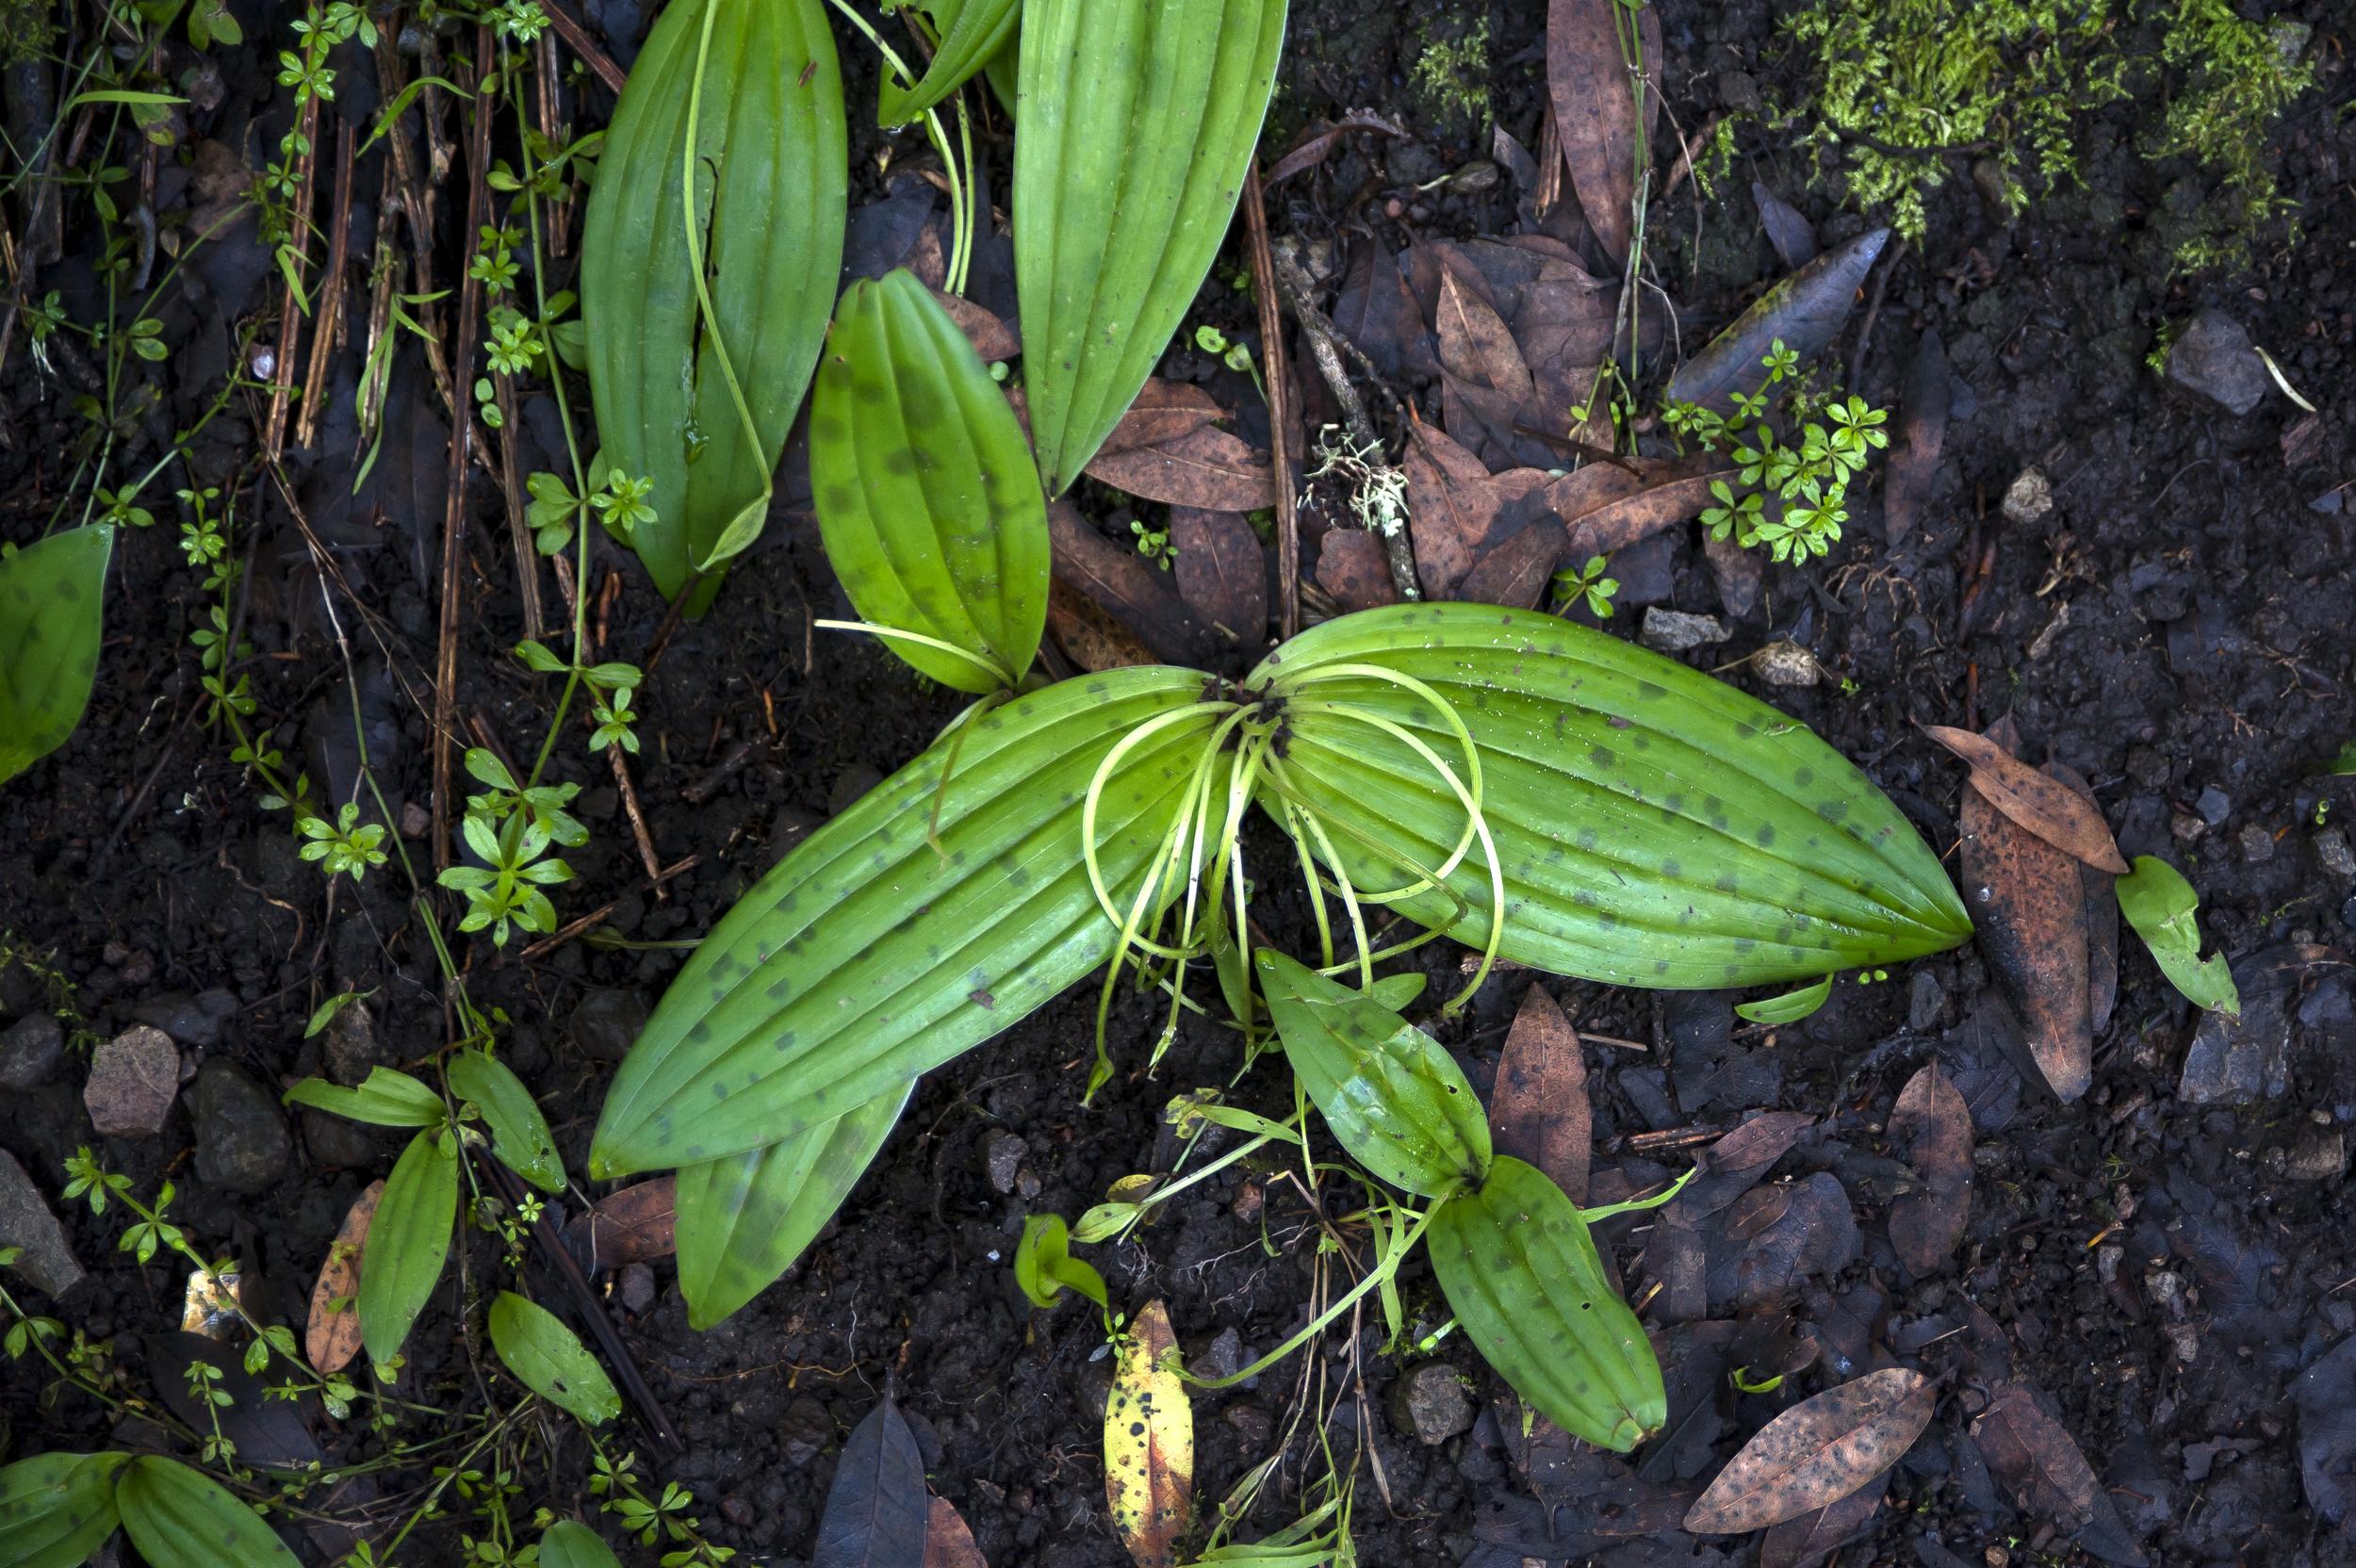 spotted leaf flower aftermath.jpg